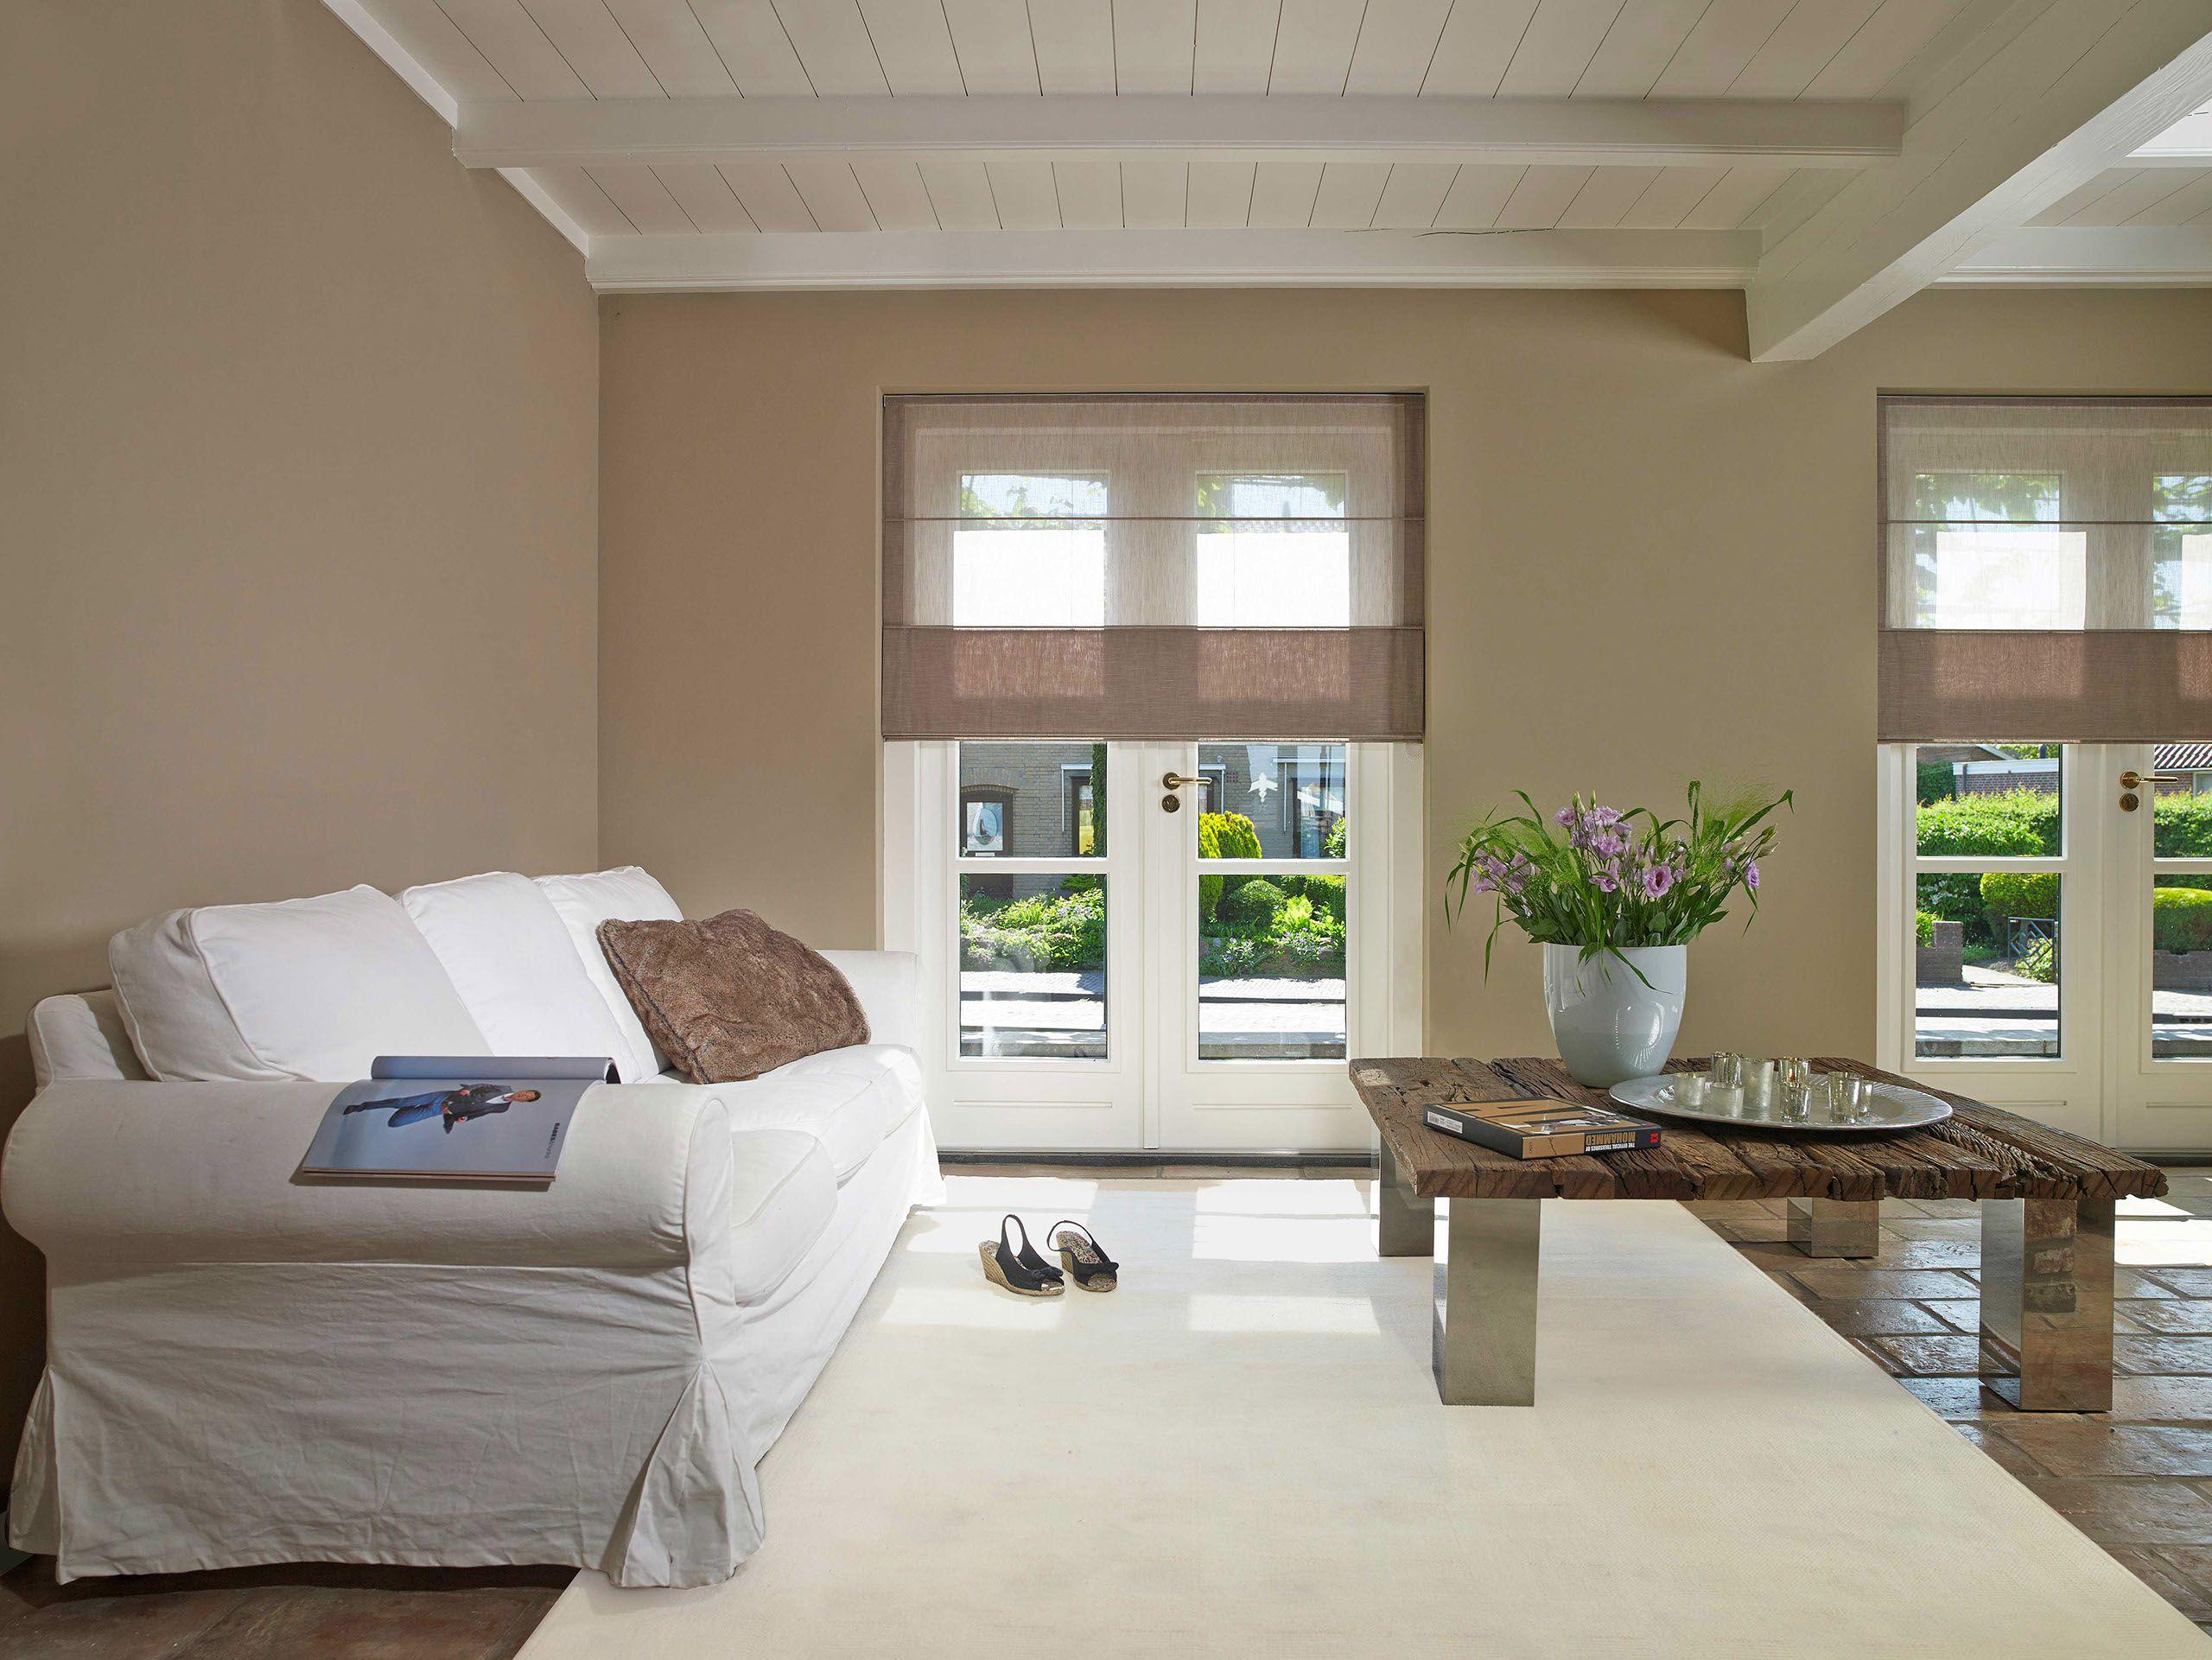 Multisol raamdecoratie op maat raamdecoratie